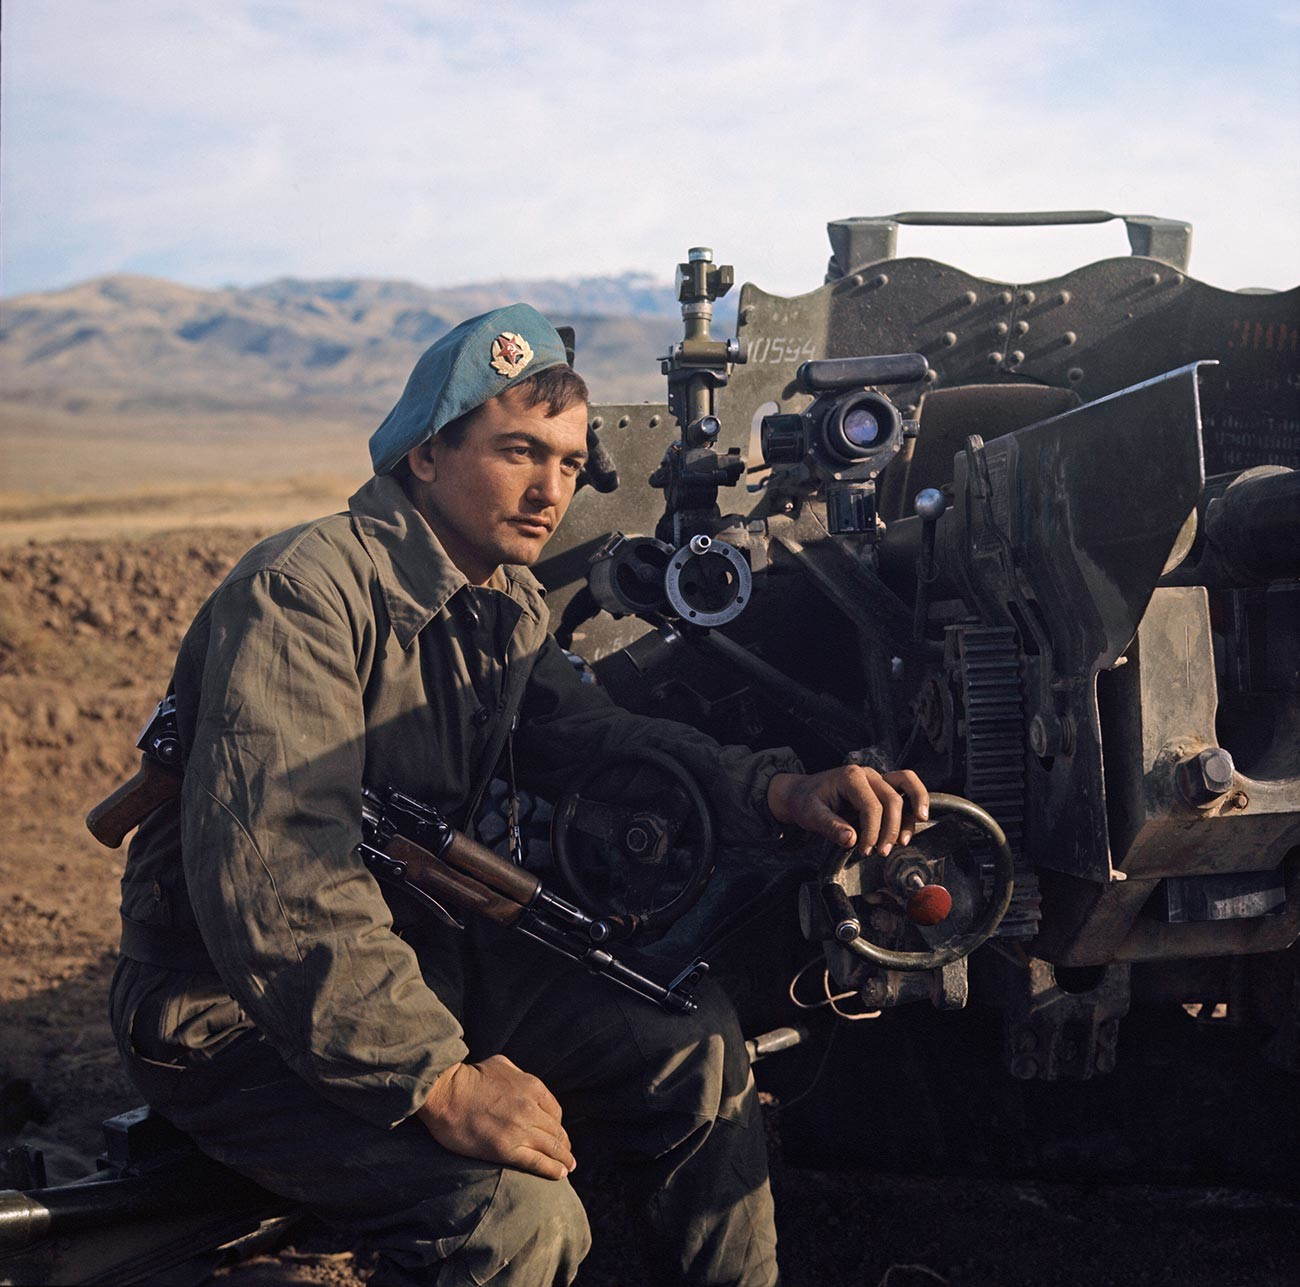 Un parachutiste soviétique sur la ligne de tir lors d'exercices militaires